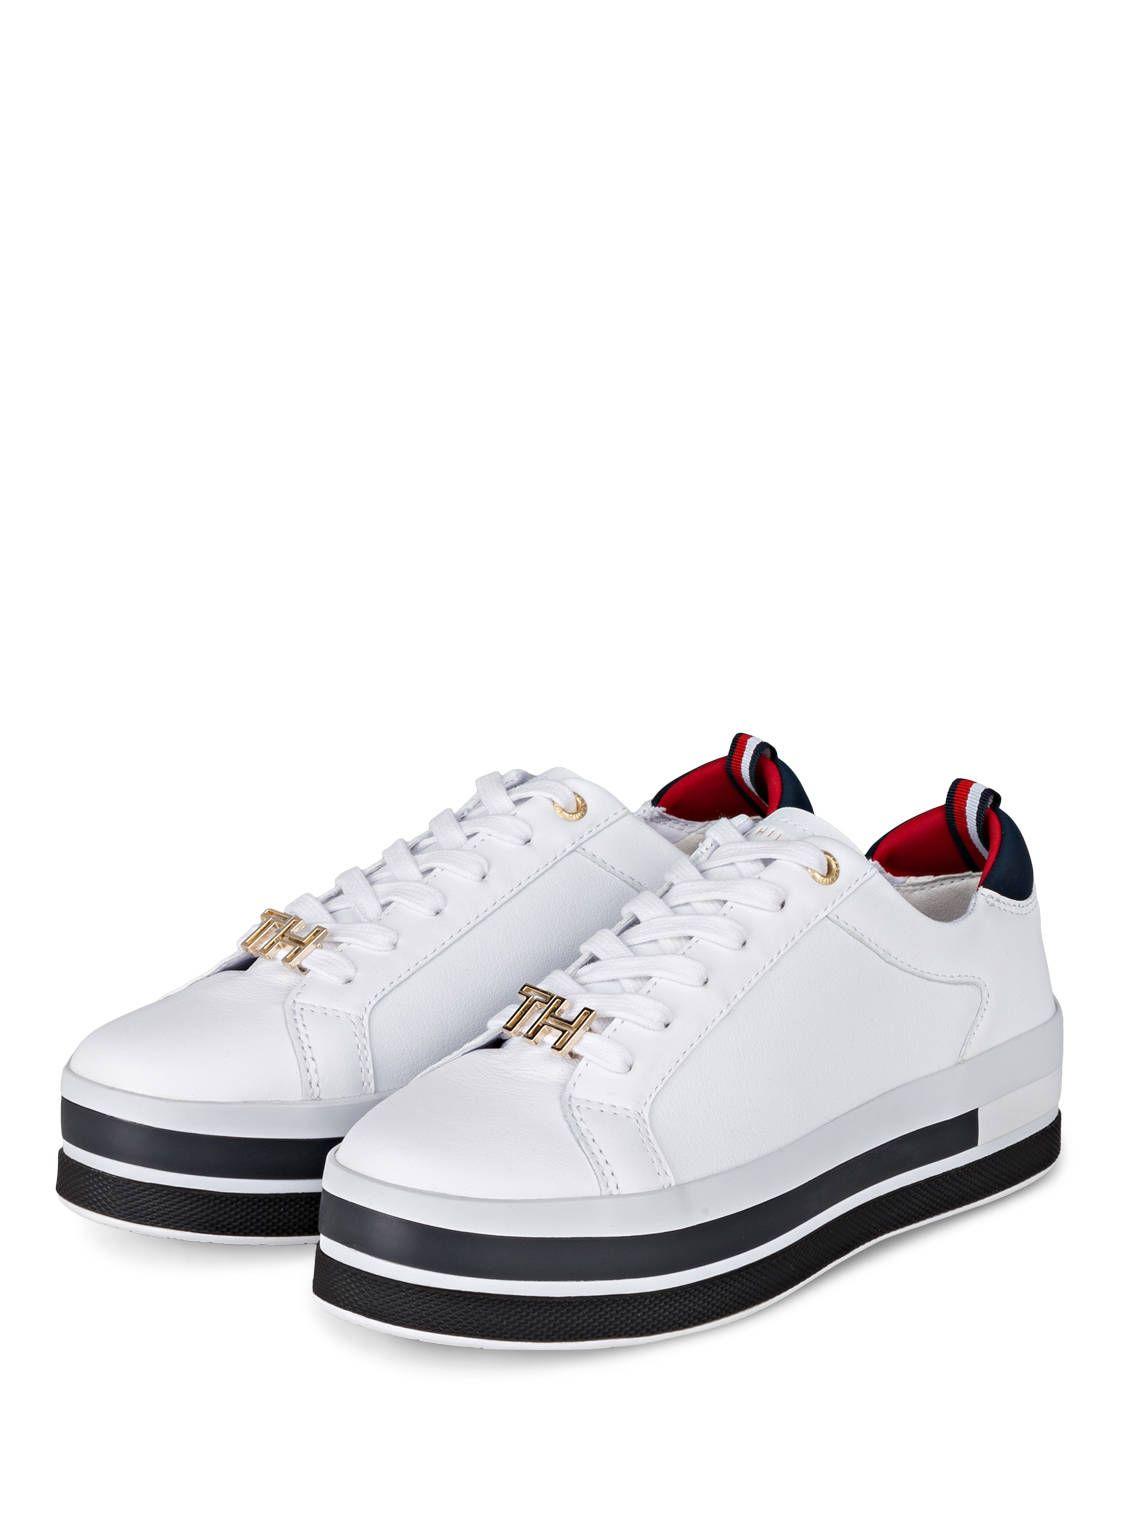 TOMMY HILFIGER Plateau-Sneaker in 2020